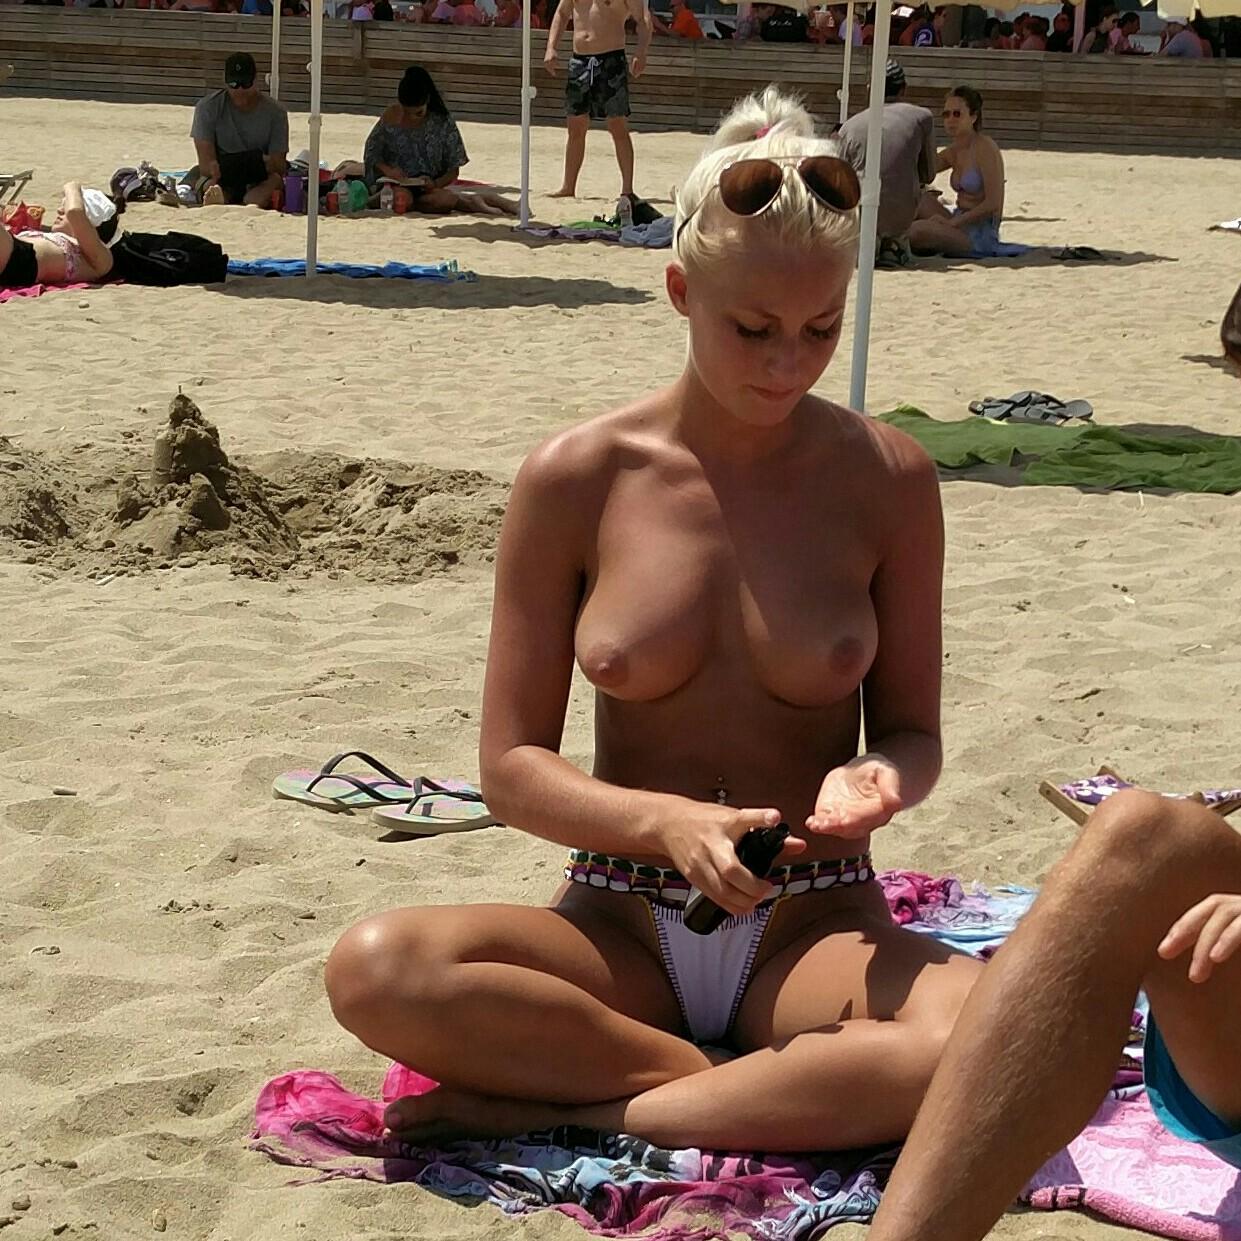 【海外エロ画像】パンツ履ける分気楽に巨乳が見放題なトップレスビーチwww 16